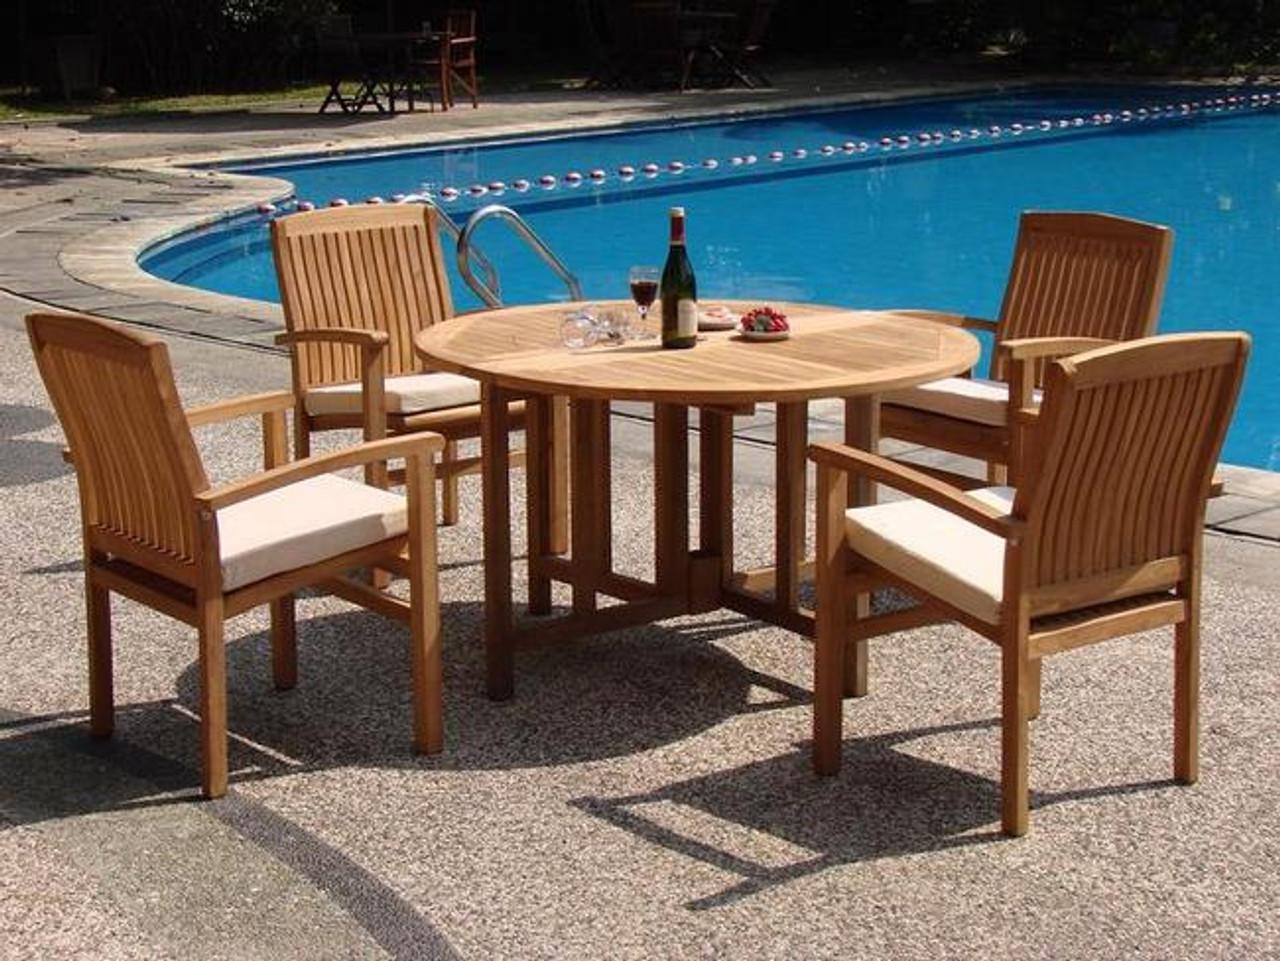 cello teak patio set